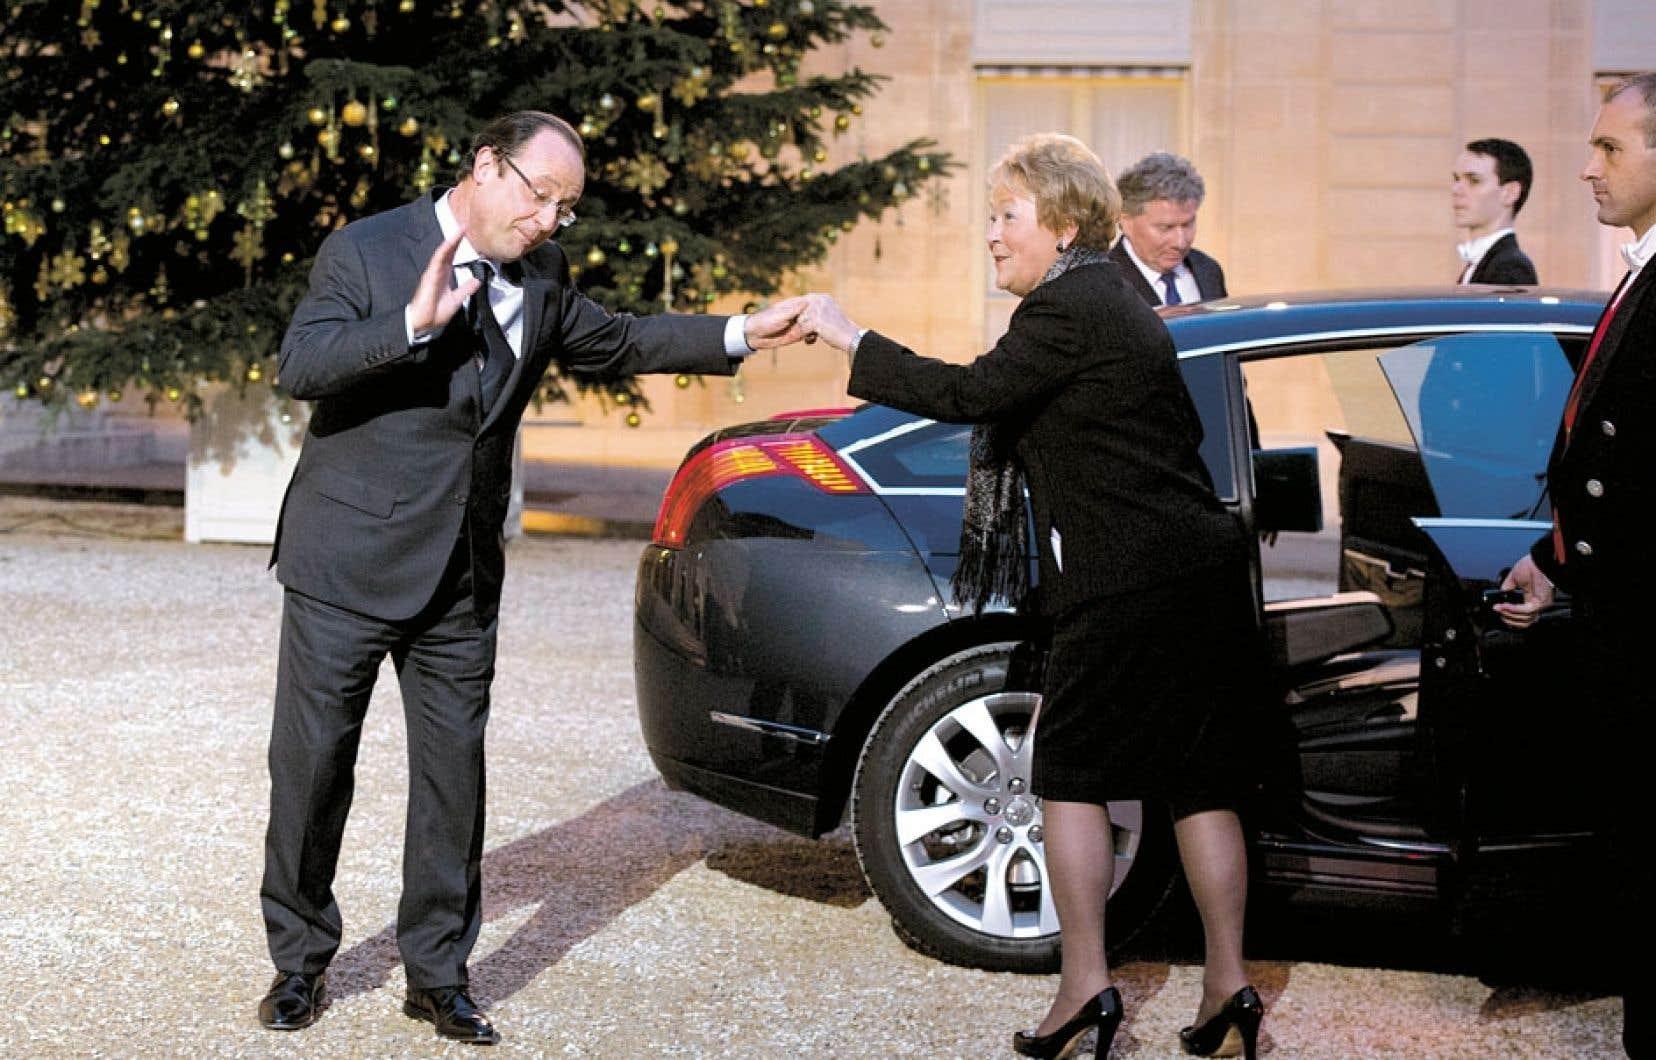 Le président francais, François Hollande, accueillait mardi à l'Élysée la première ministre Pauline Marois.